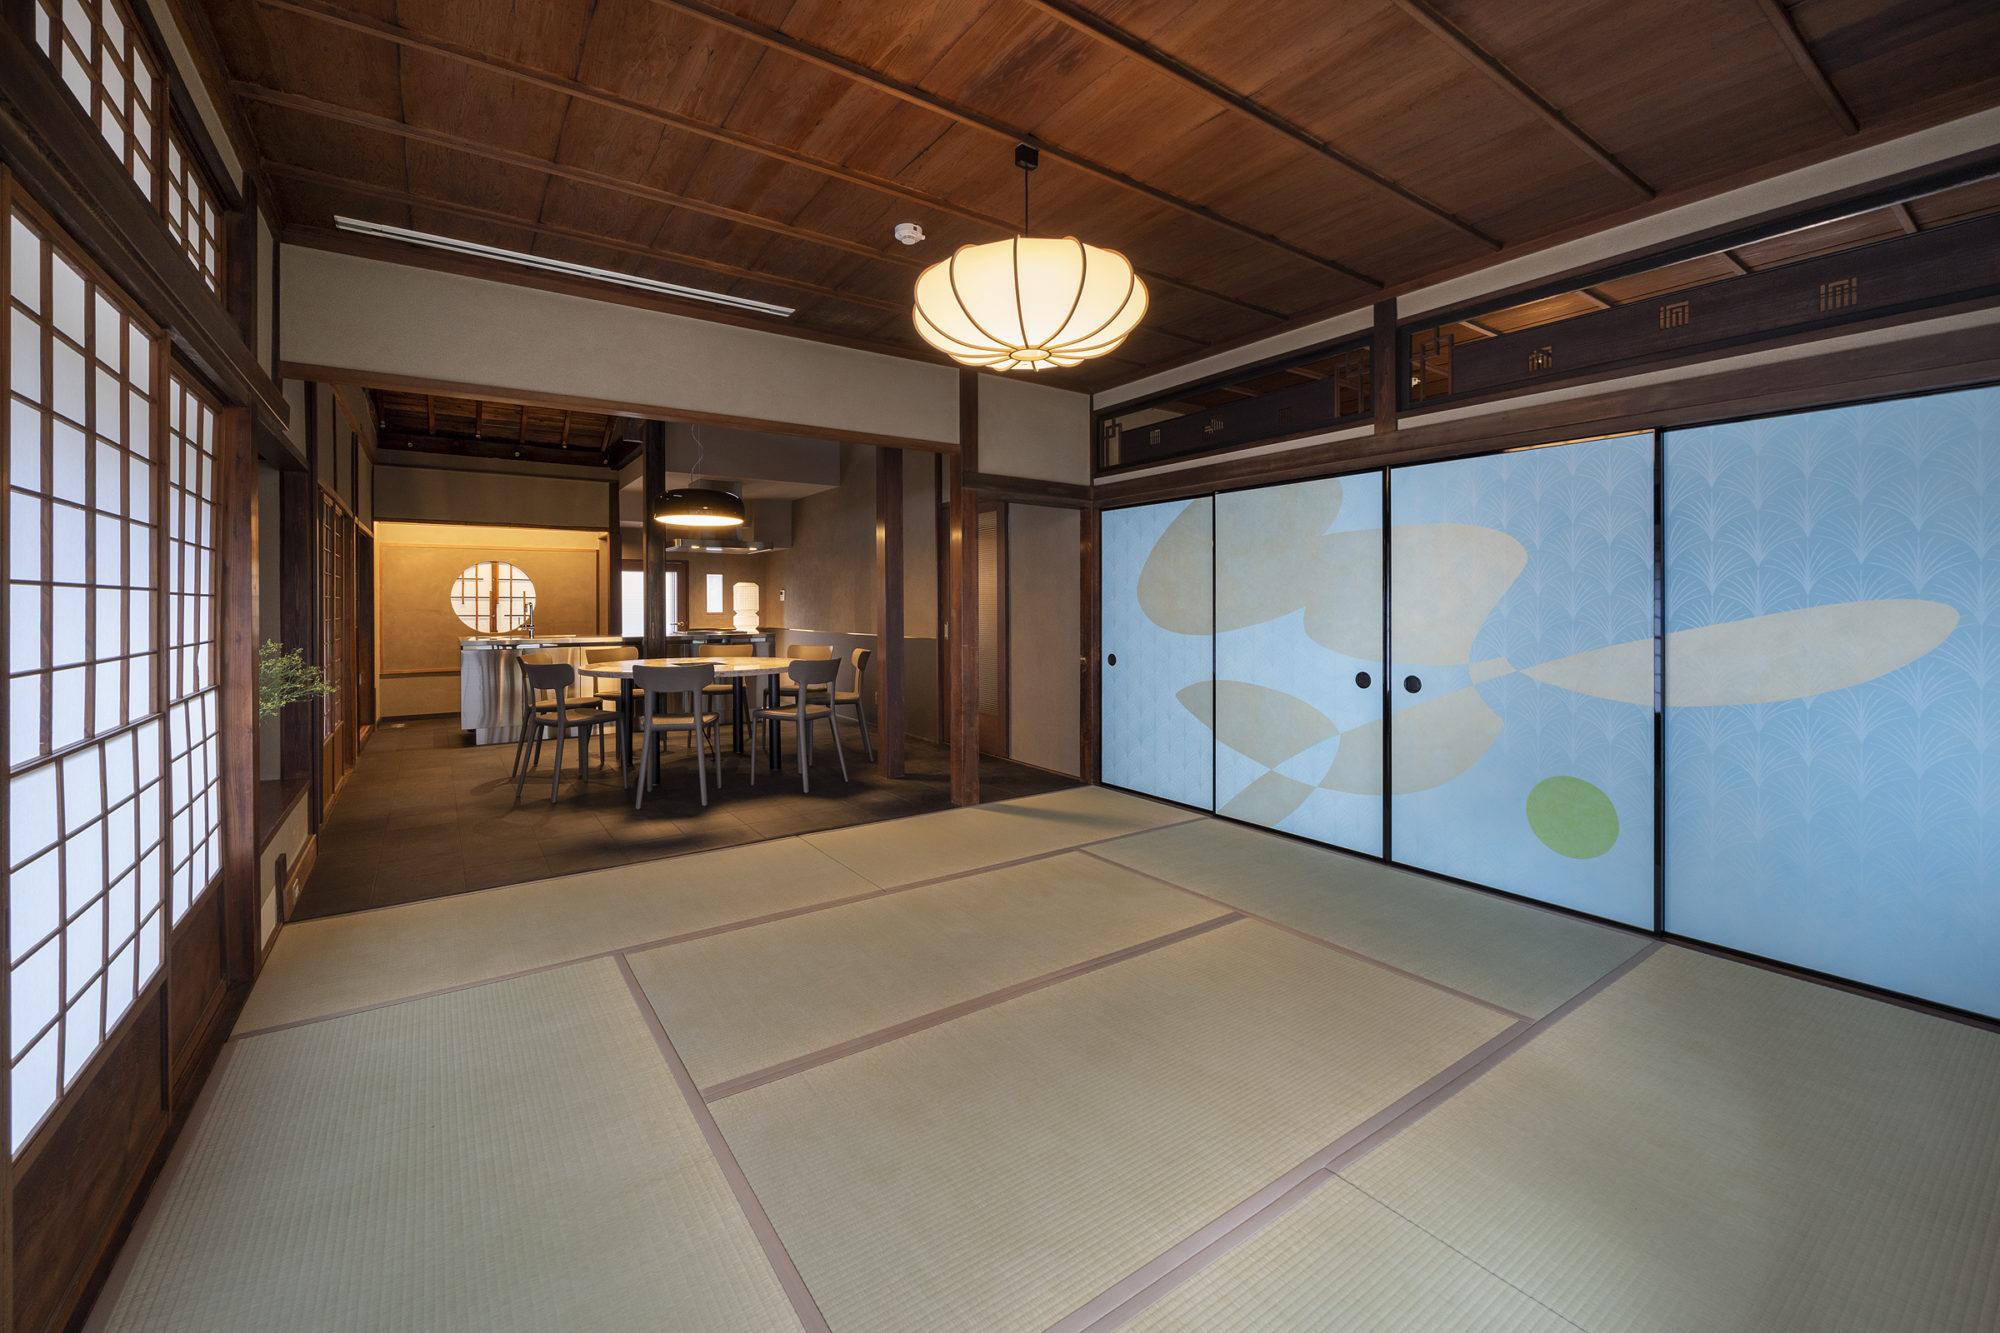 デイユース・スペースレンタルのご案内-sakainoma hotel 濱-